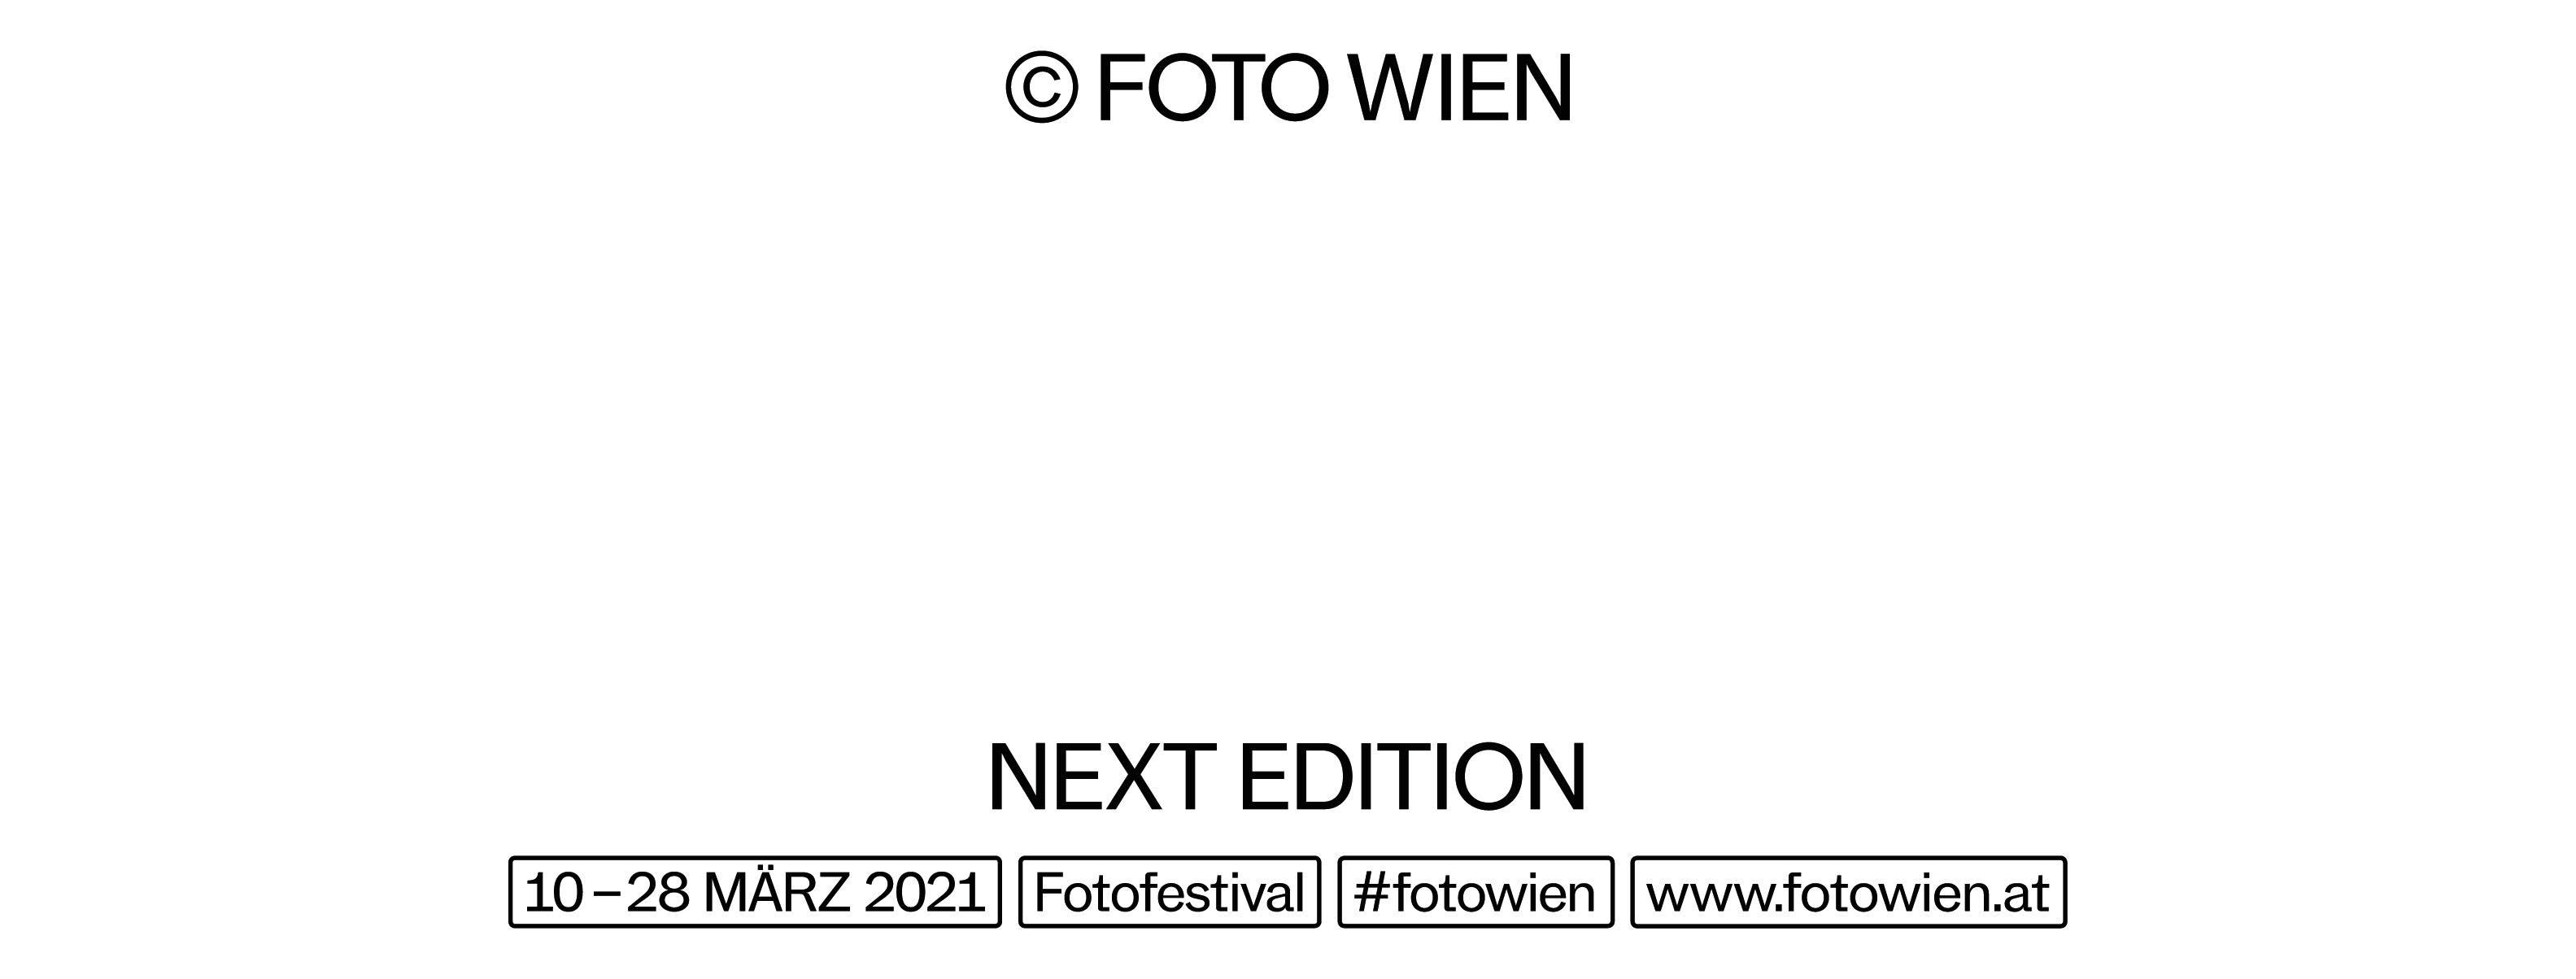 FOTO WIEN 2021